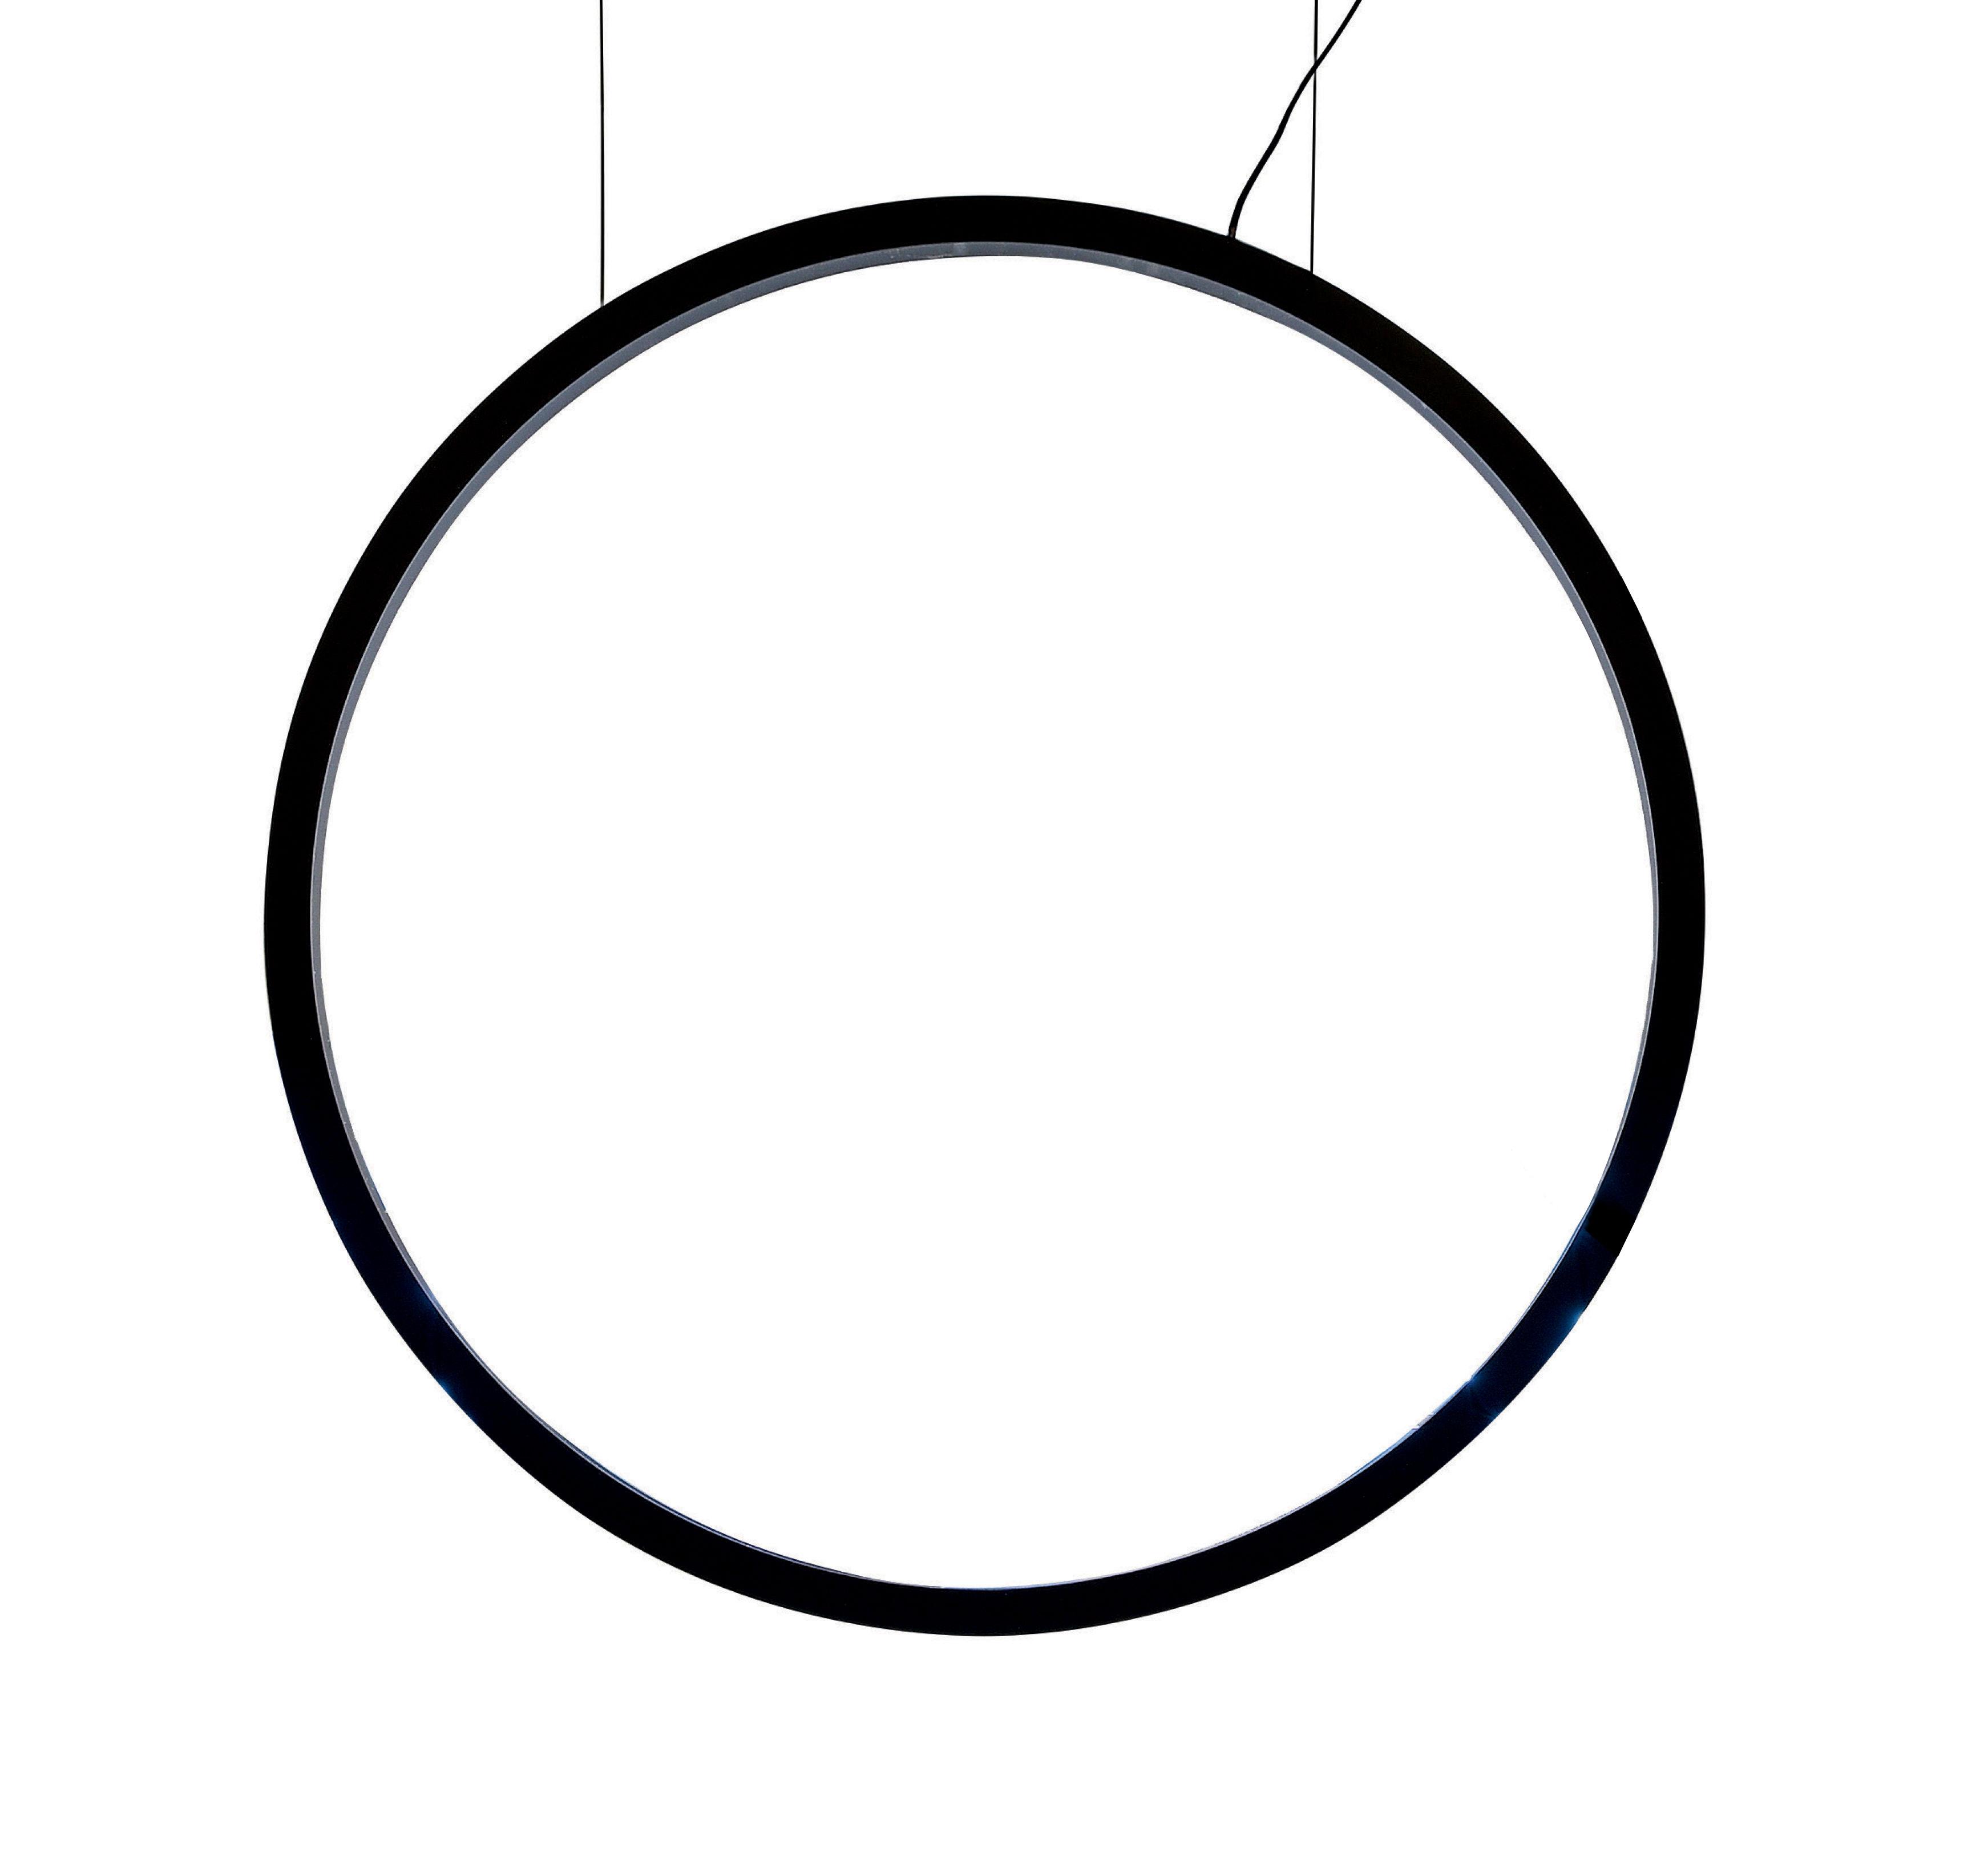 Illuminazione - Lampadari - Sospensione O - / LED - Ø 90 cm - Rilevatore movimento di Artemide - Nero - alluminio estruso